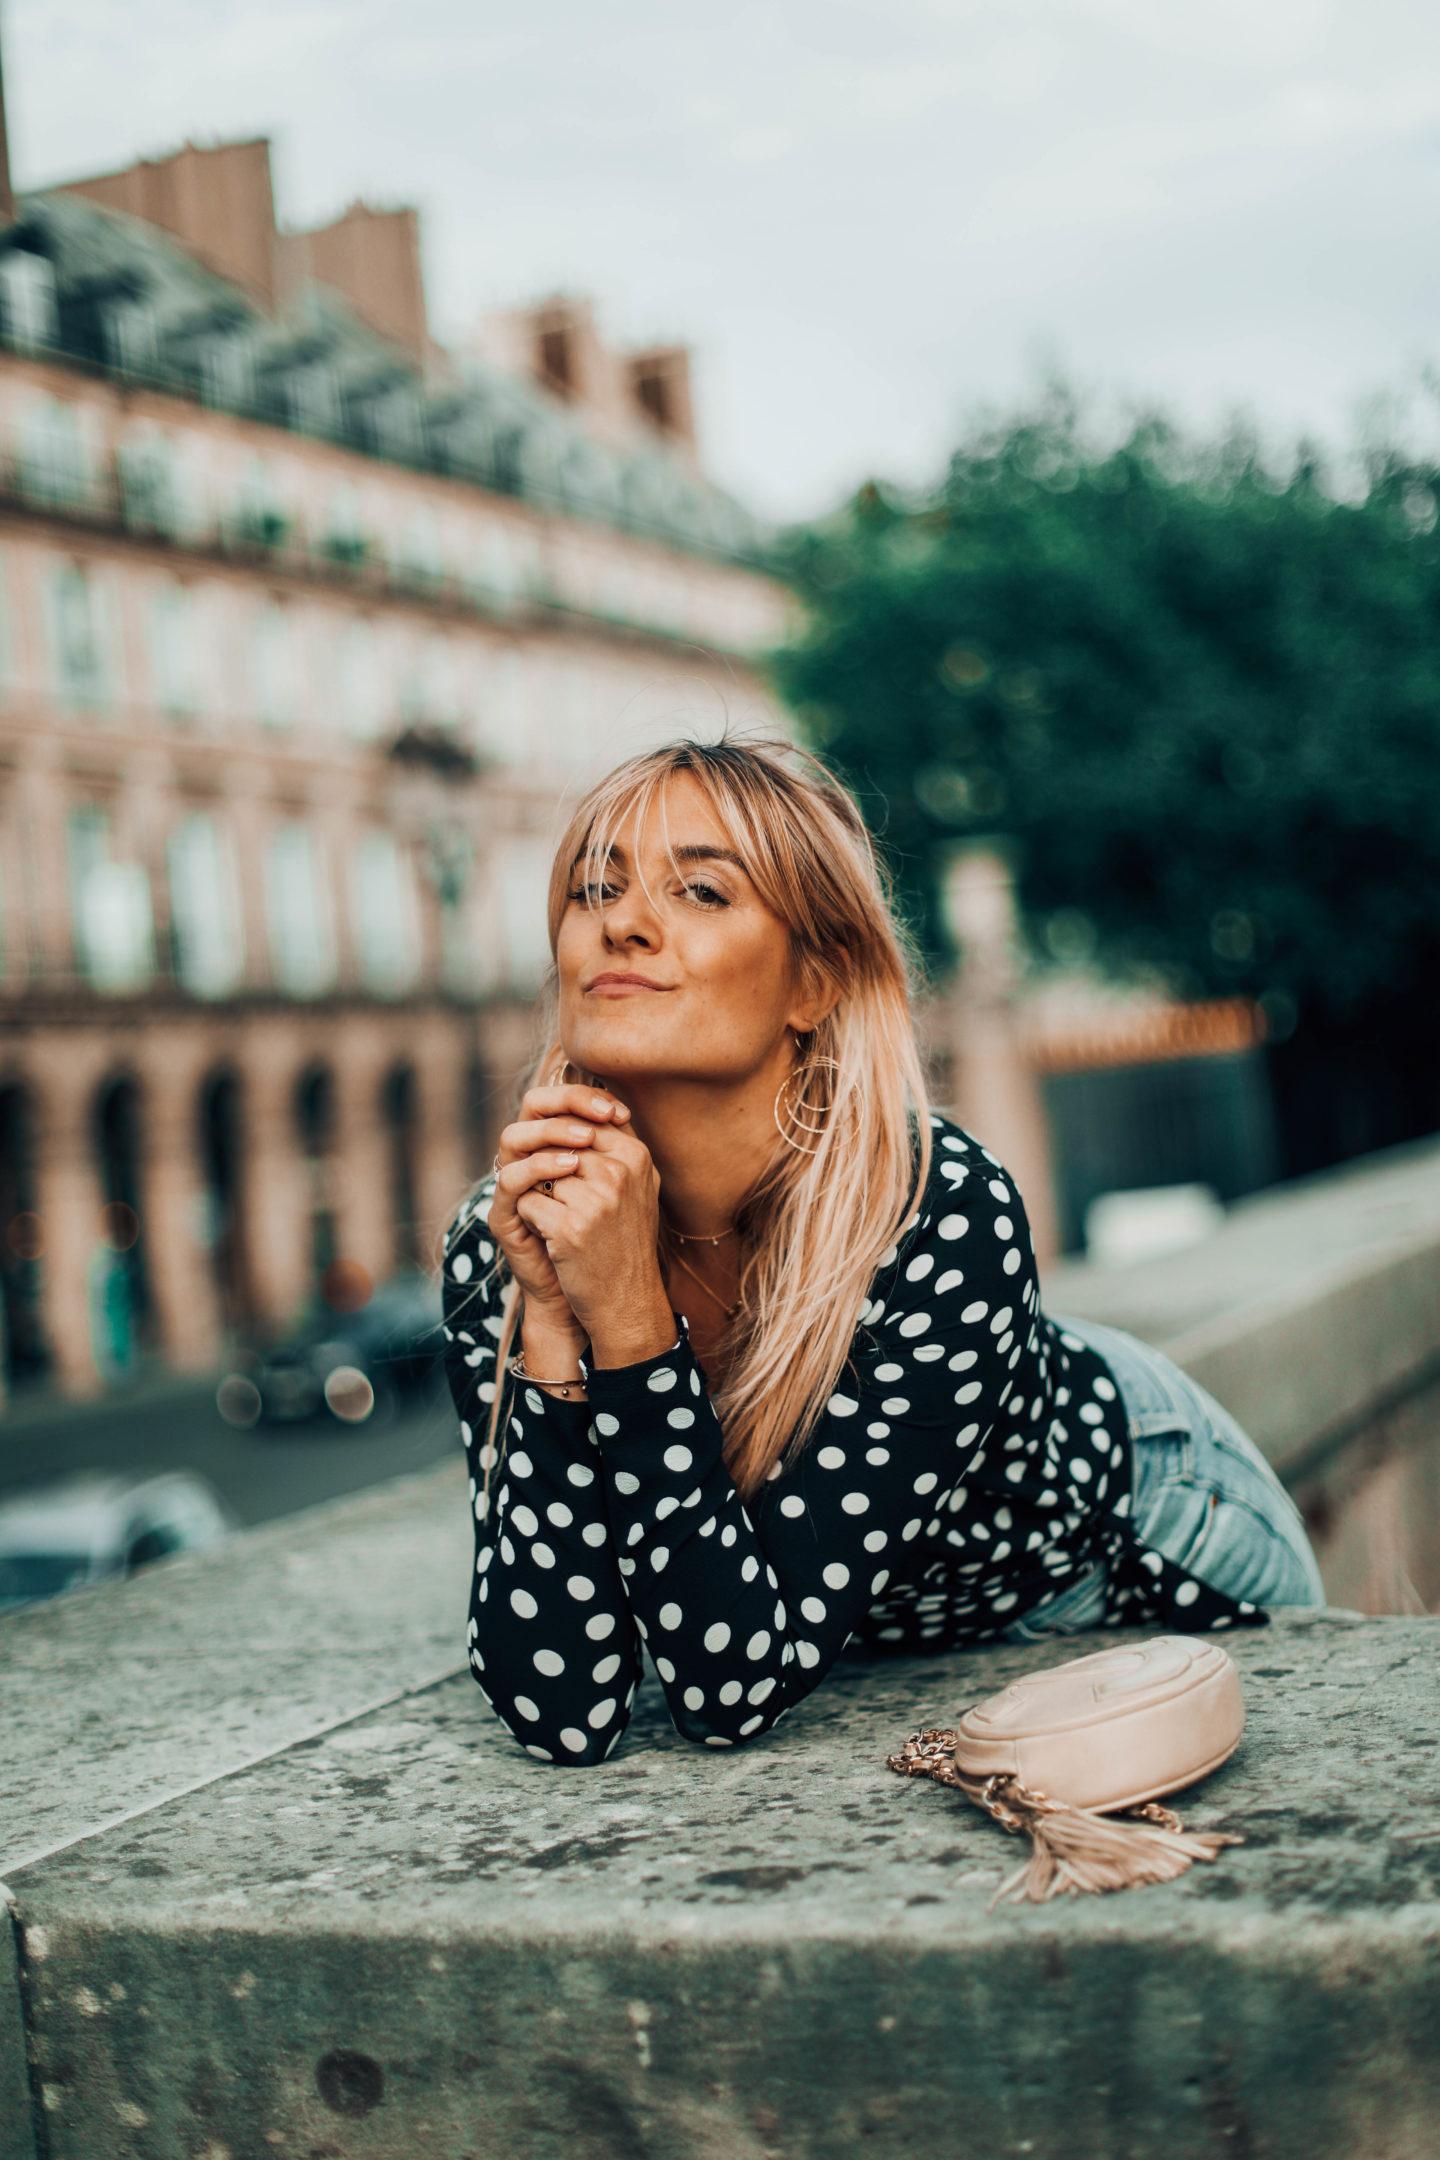 Boucles d'oreilles BDM Studio - Blondie Baby blog mode Paris et voyages